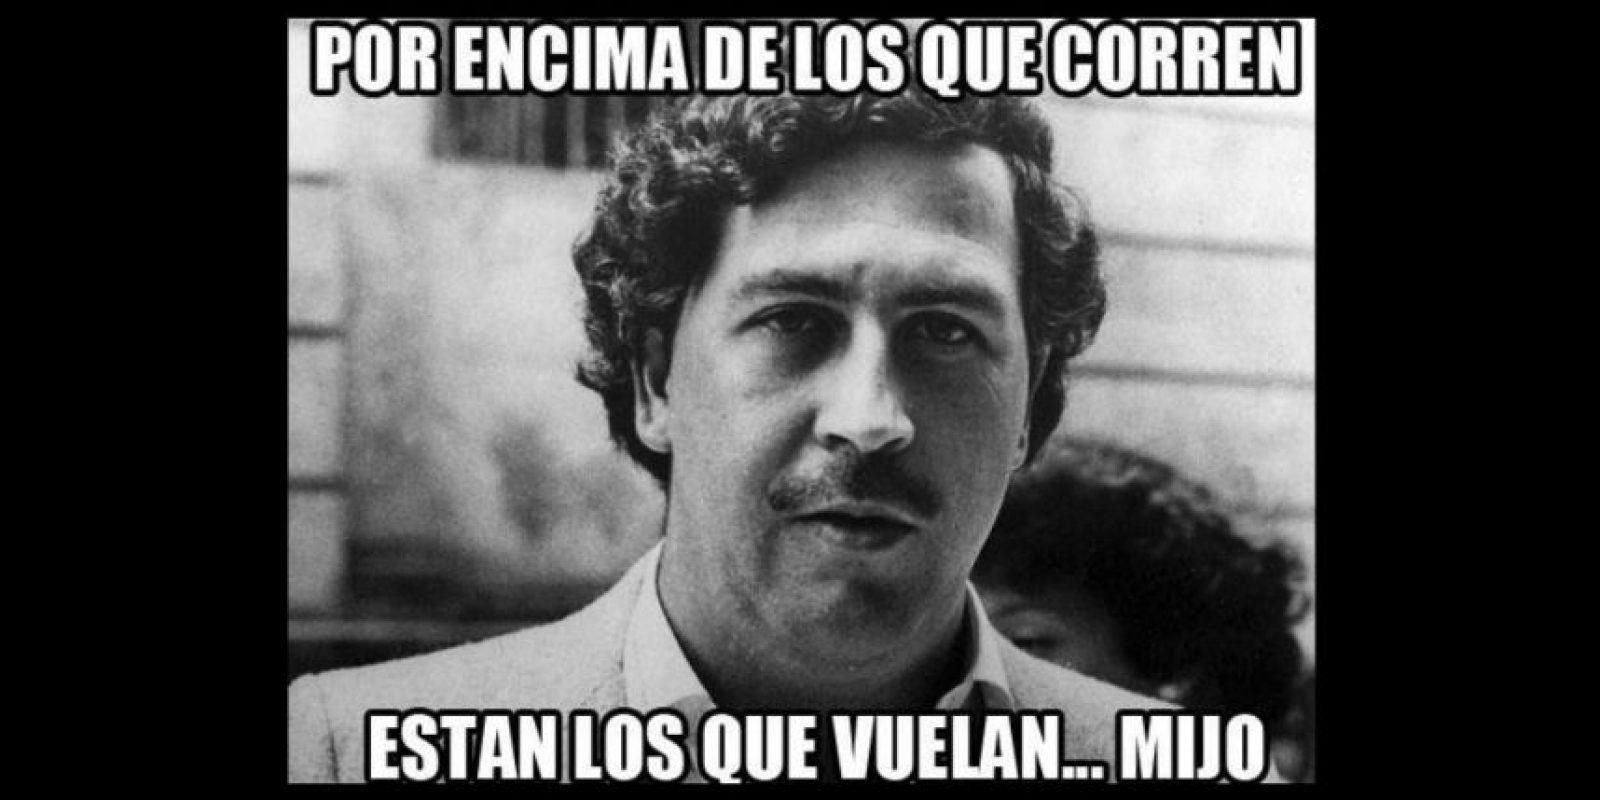 Así lucía el famoso capo de la droga colombiano, Pablo Escobar. Foto:vía twitter.com